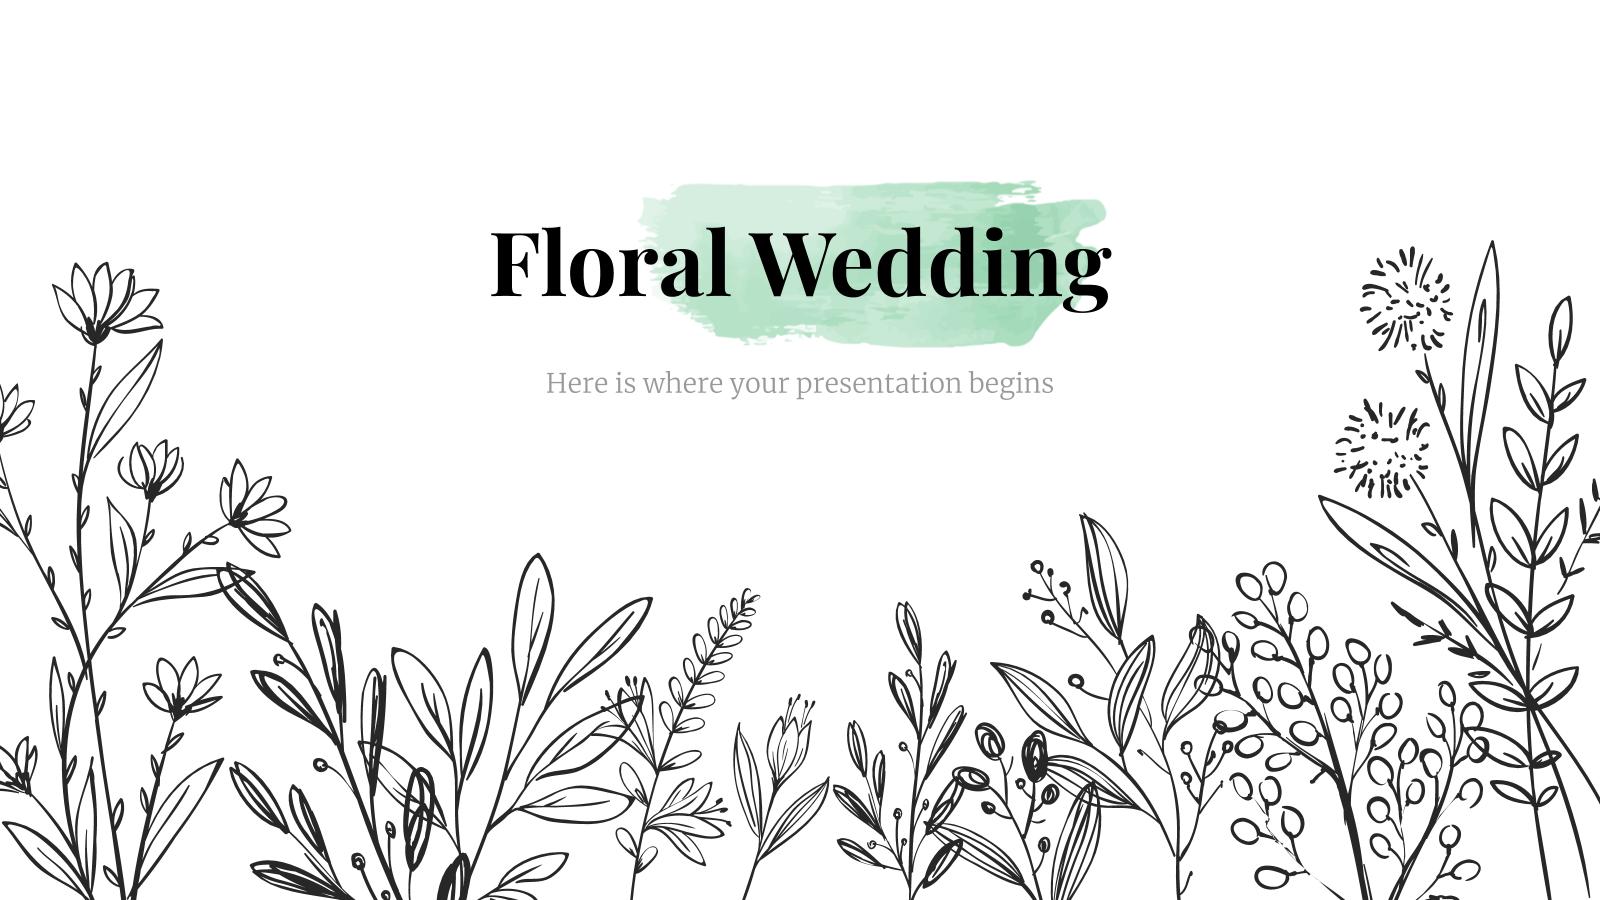 Mariage floral : Modèles de présentation